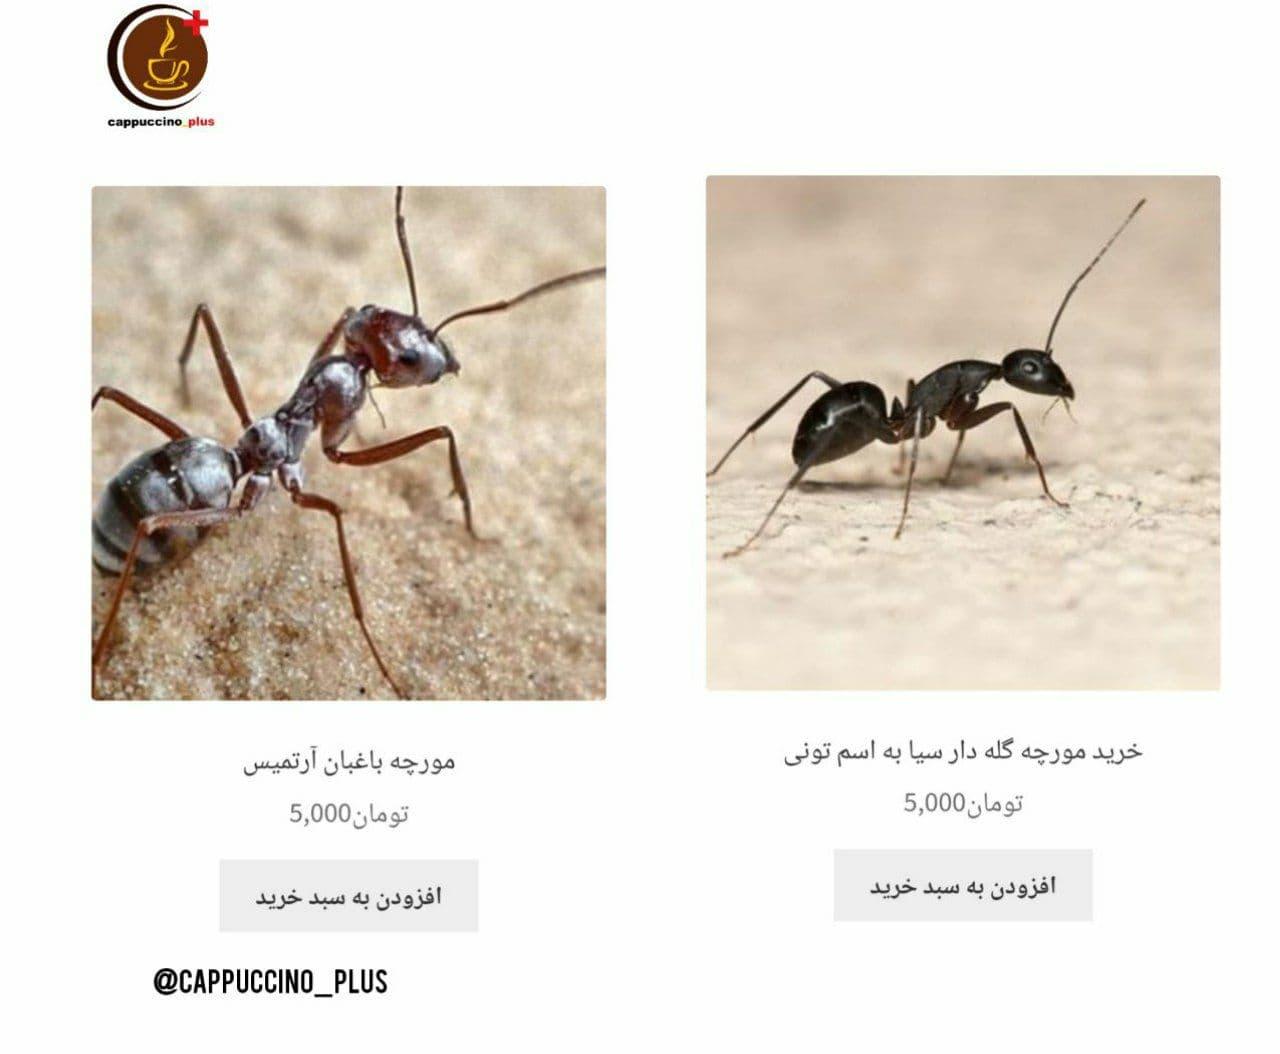 فروش مورچه گله دار